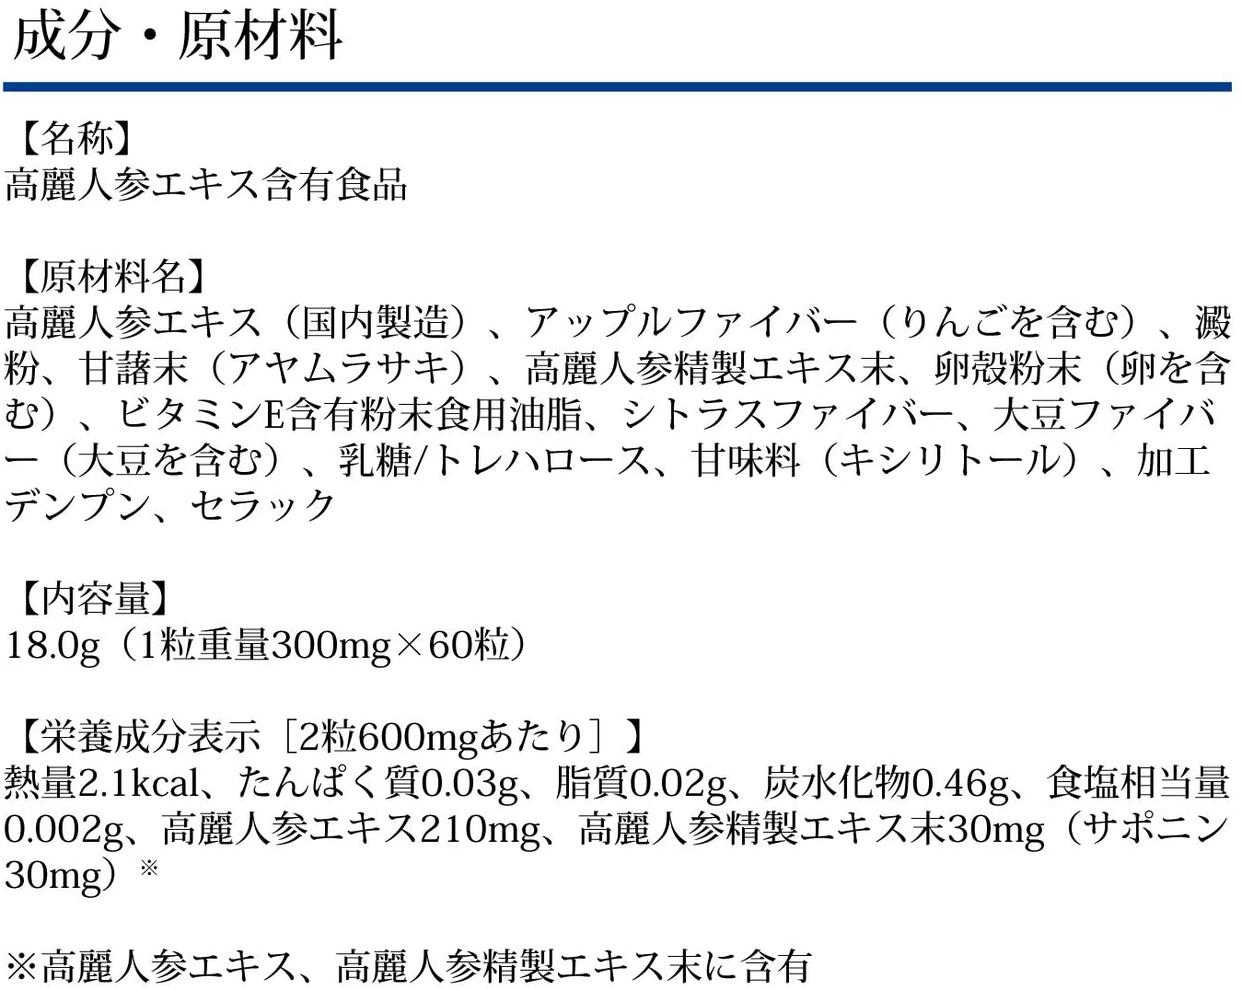 DHC(ディーエイチシー) 高麗人参の商品画像3